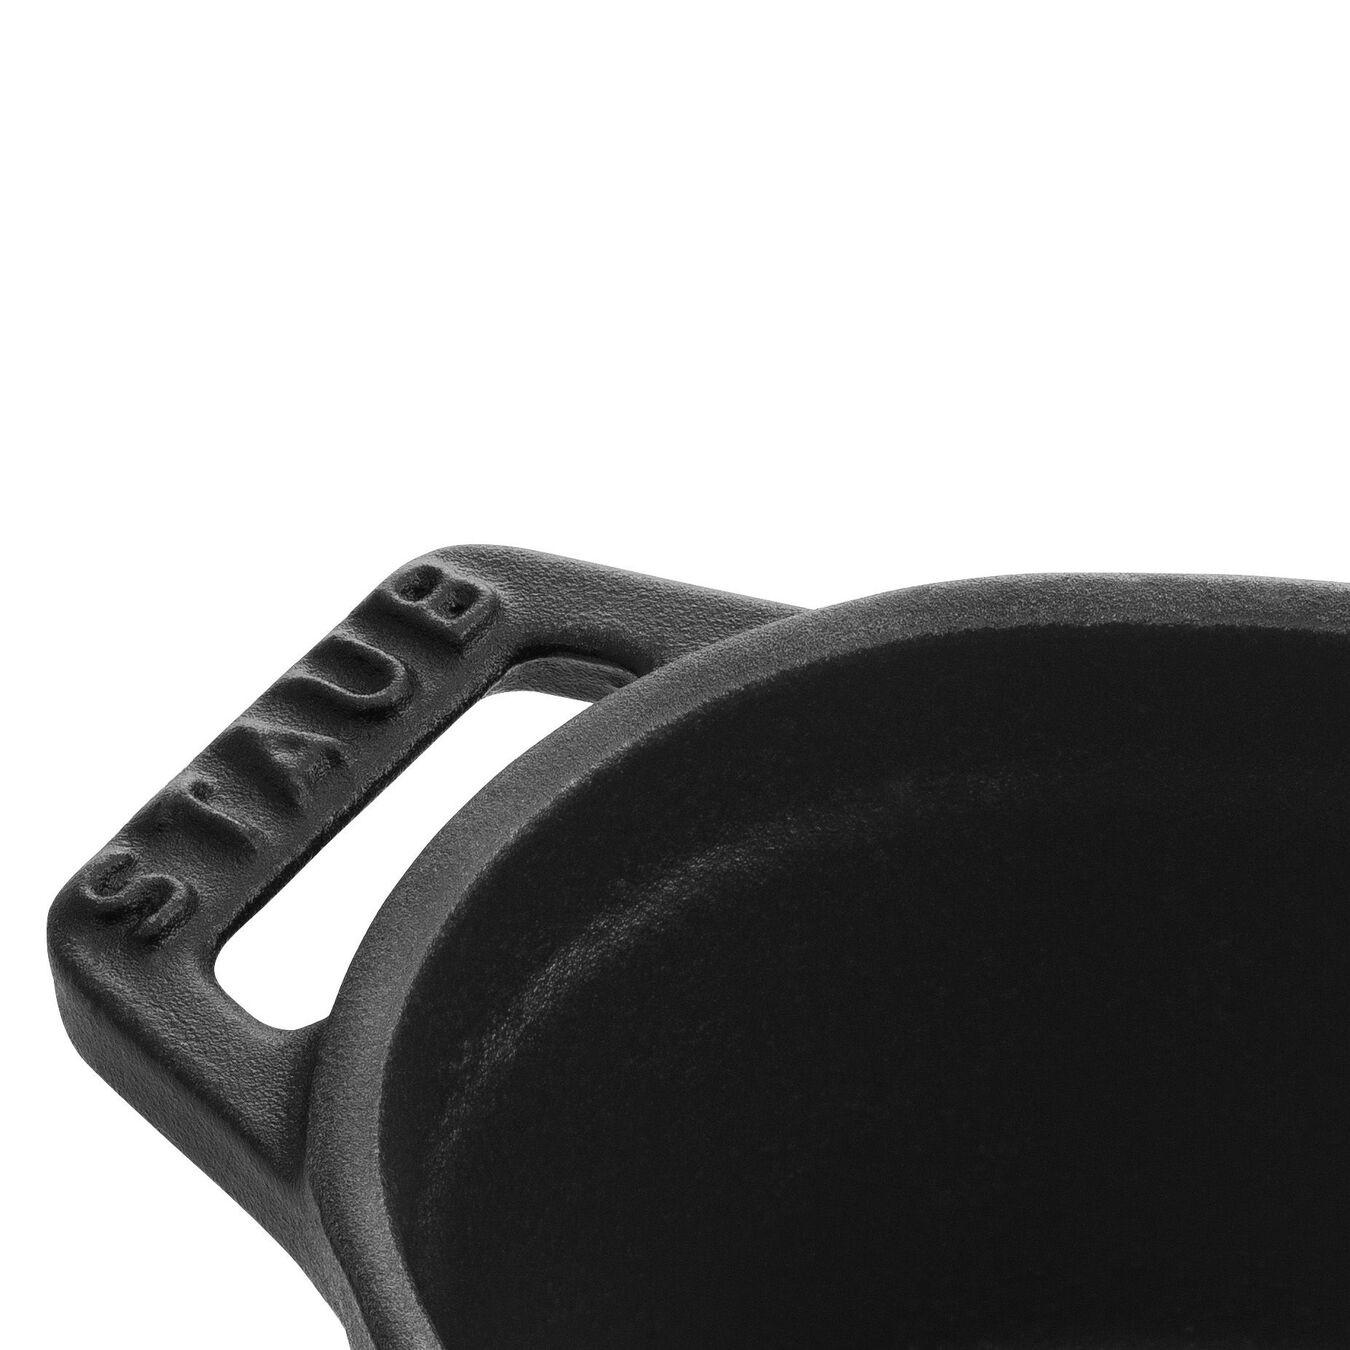 Mini Cocotte 11 cm, Ovale, Noir, Fonte,,large 4